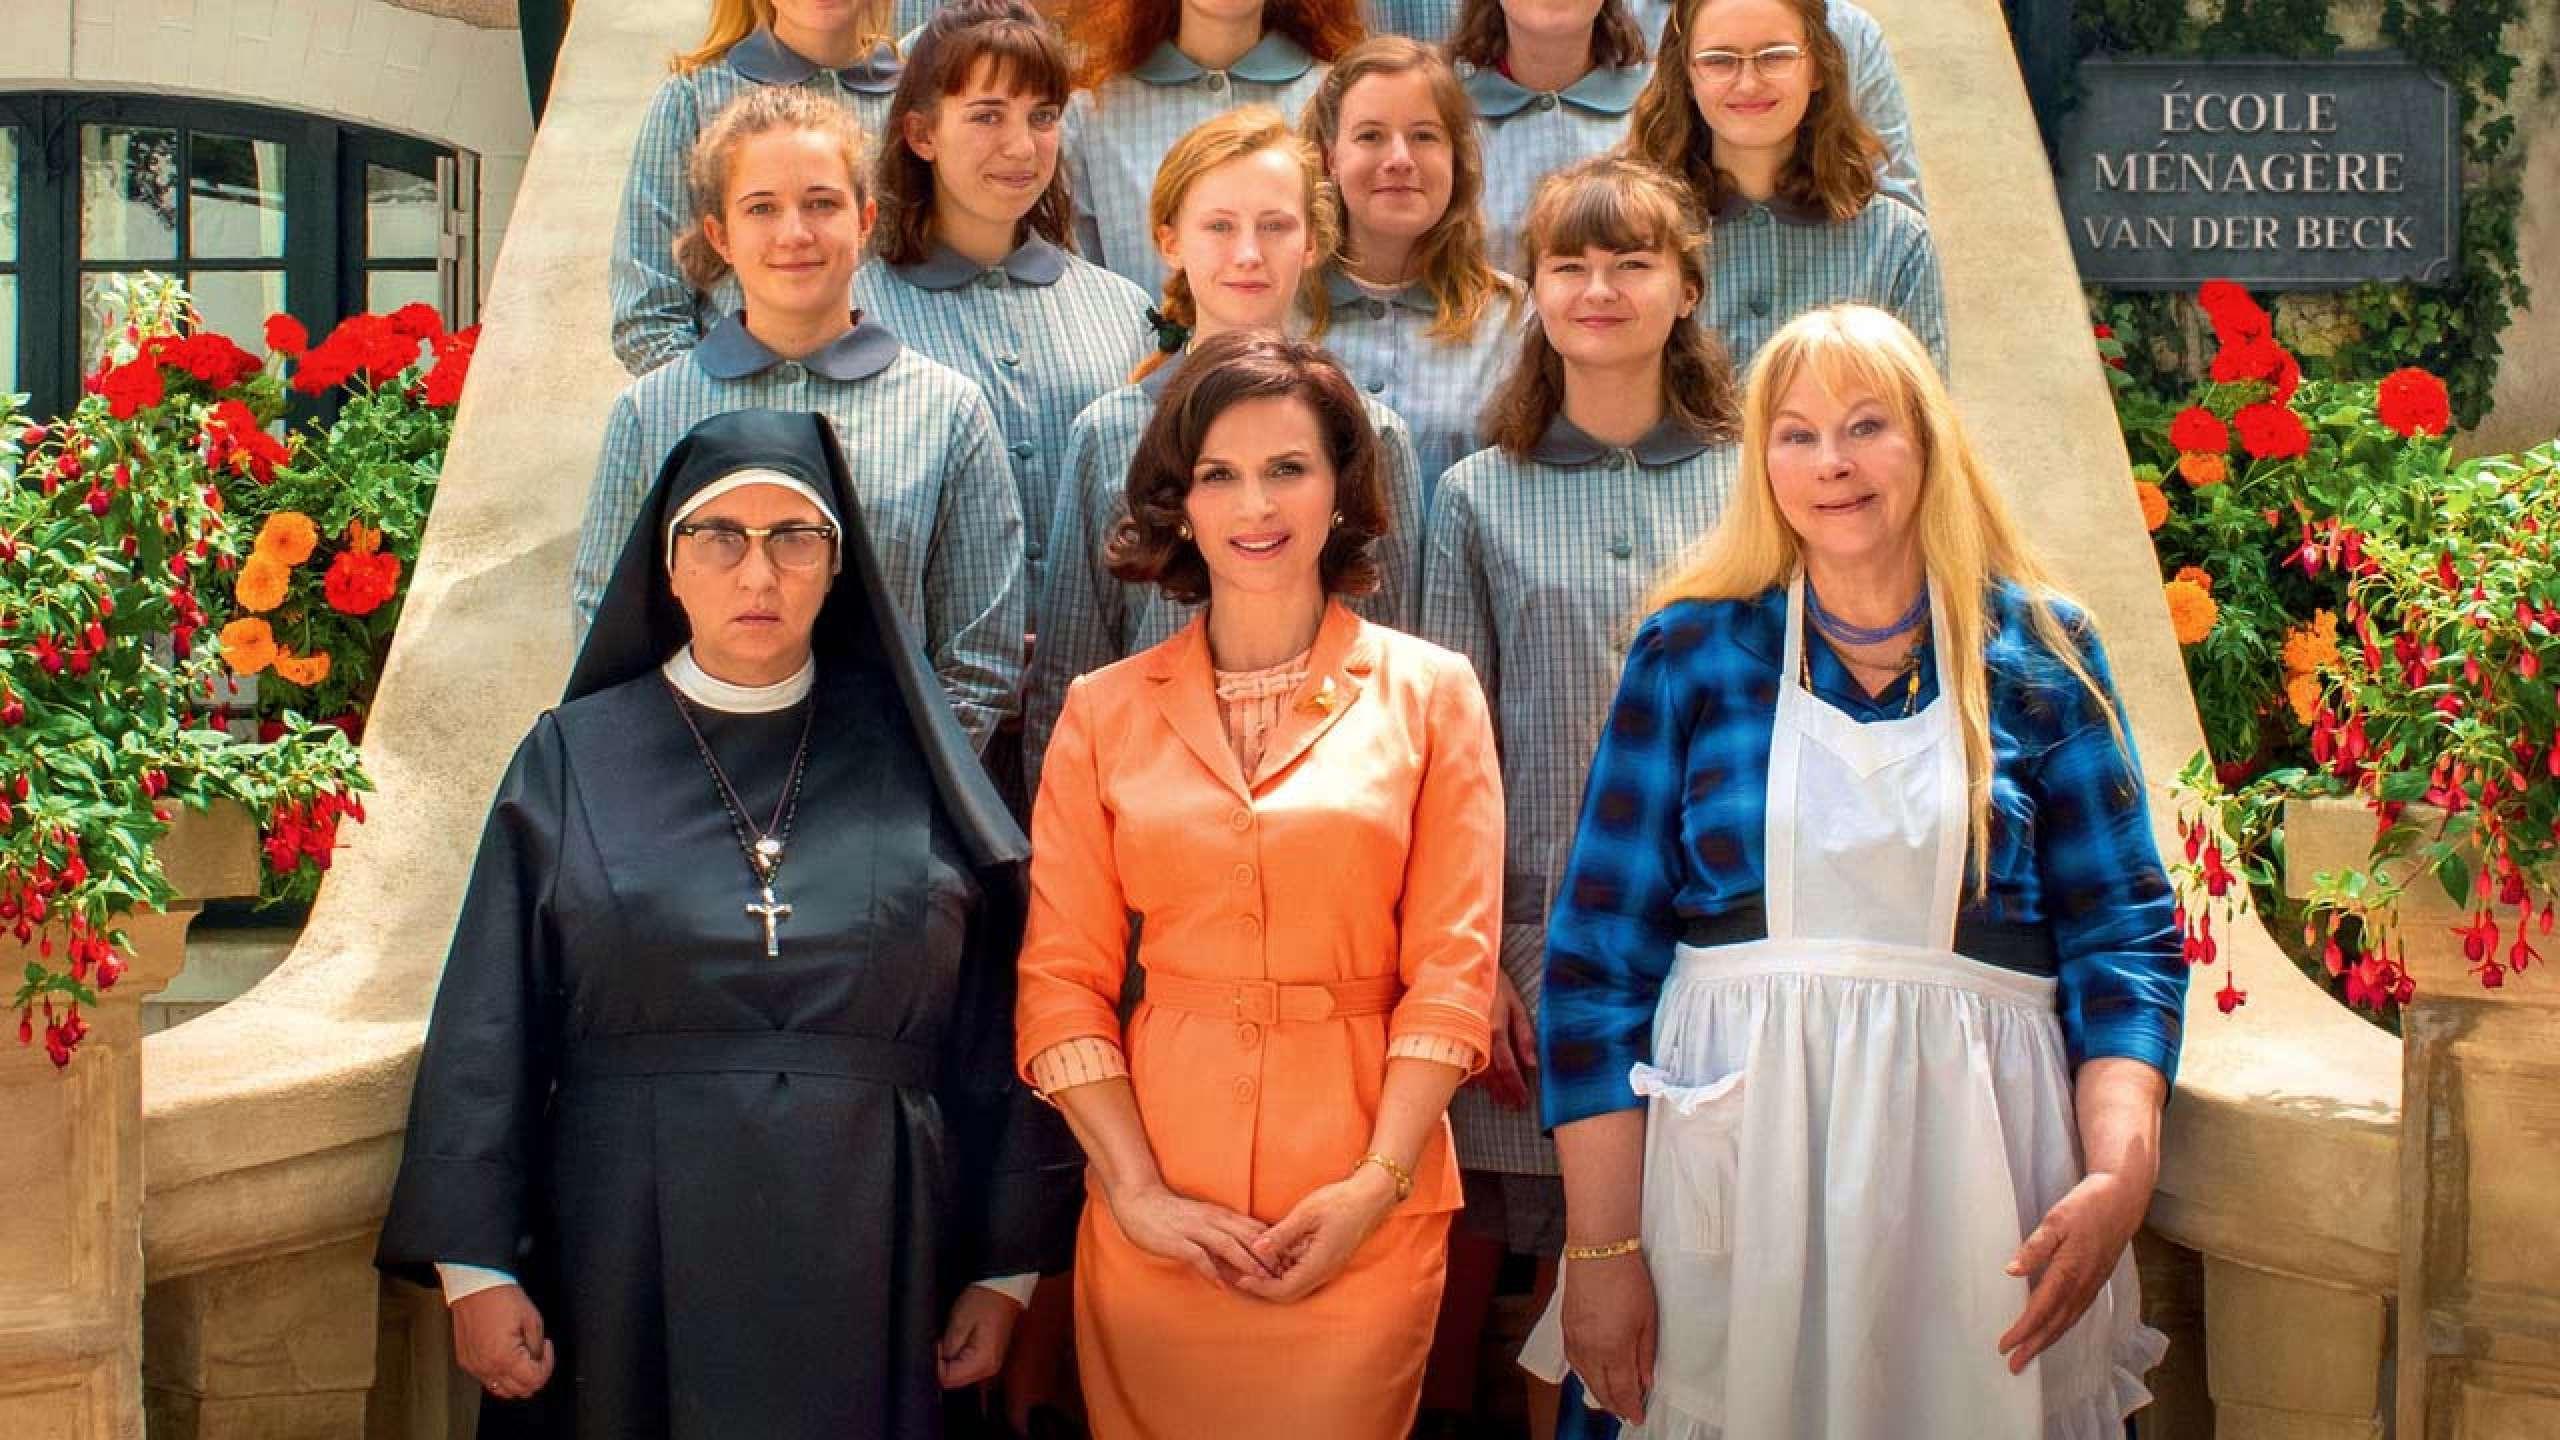 Die perfekte Ehefrau (2020) | Film, Trailer, Kritik